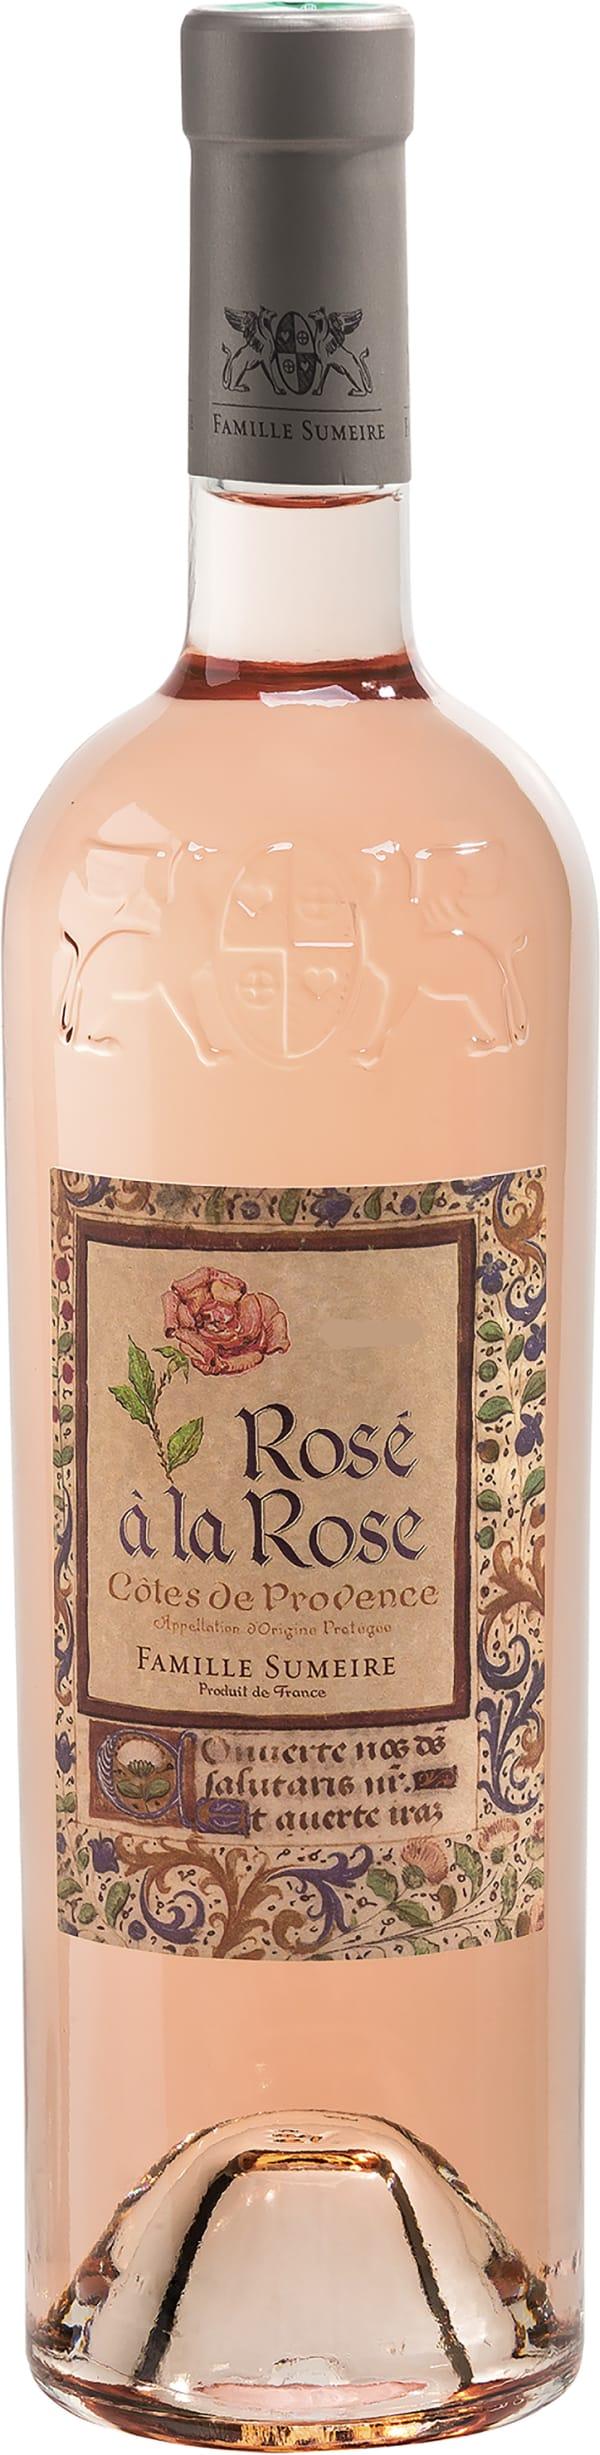 Sumeire Rosé à la Rose 2019